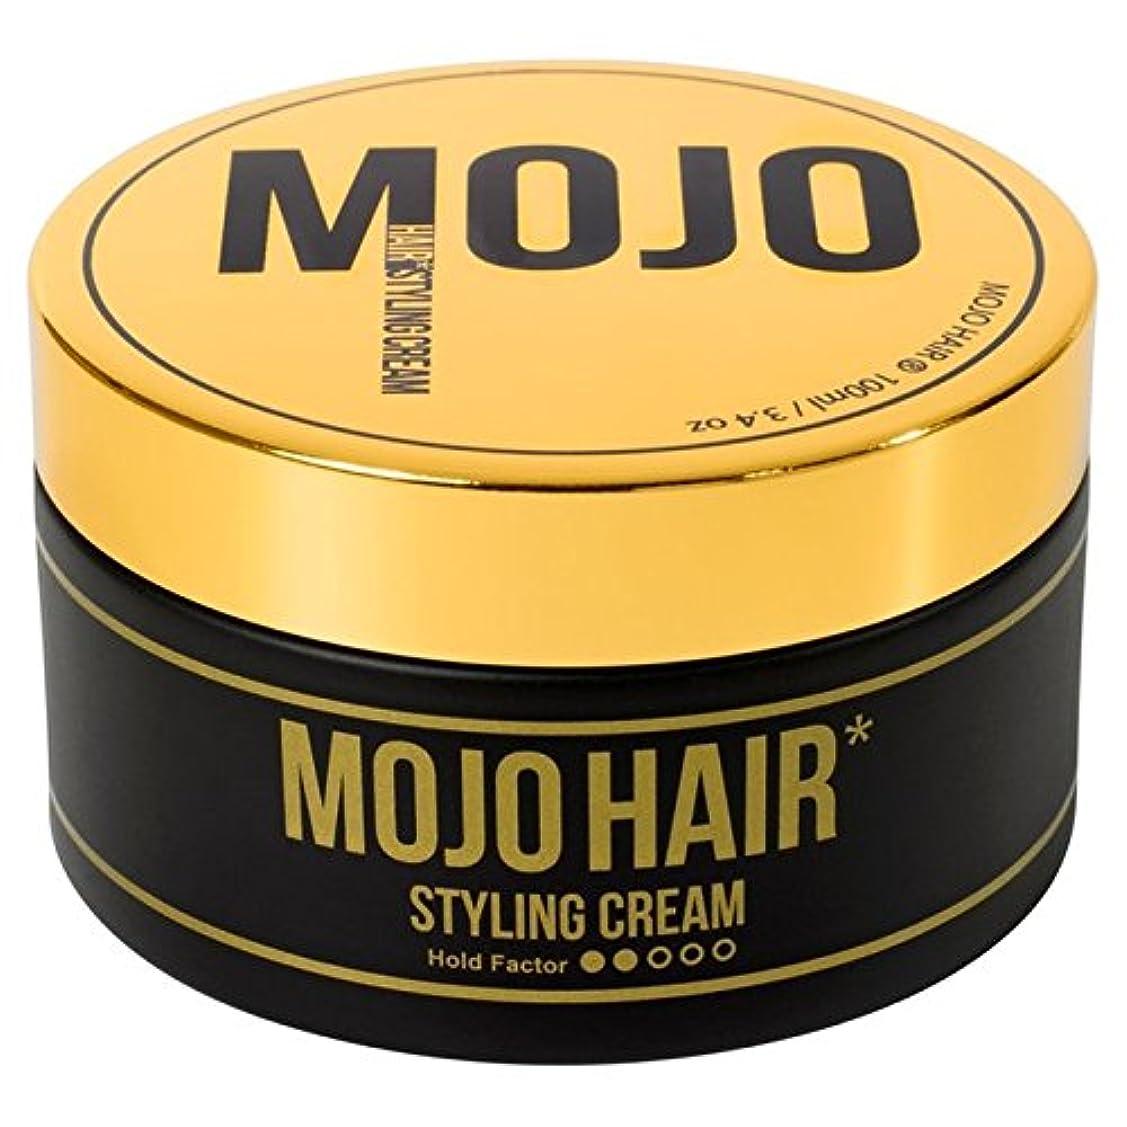 継承独裁者メガロポリス100ミリリットル男性のためのモジョのヘアスタイリングクリーム x2 - MOJO HAIR Styling Cream for Men 100ml (Pack of 2) [並行輸入品]